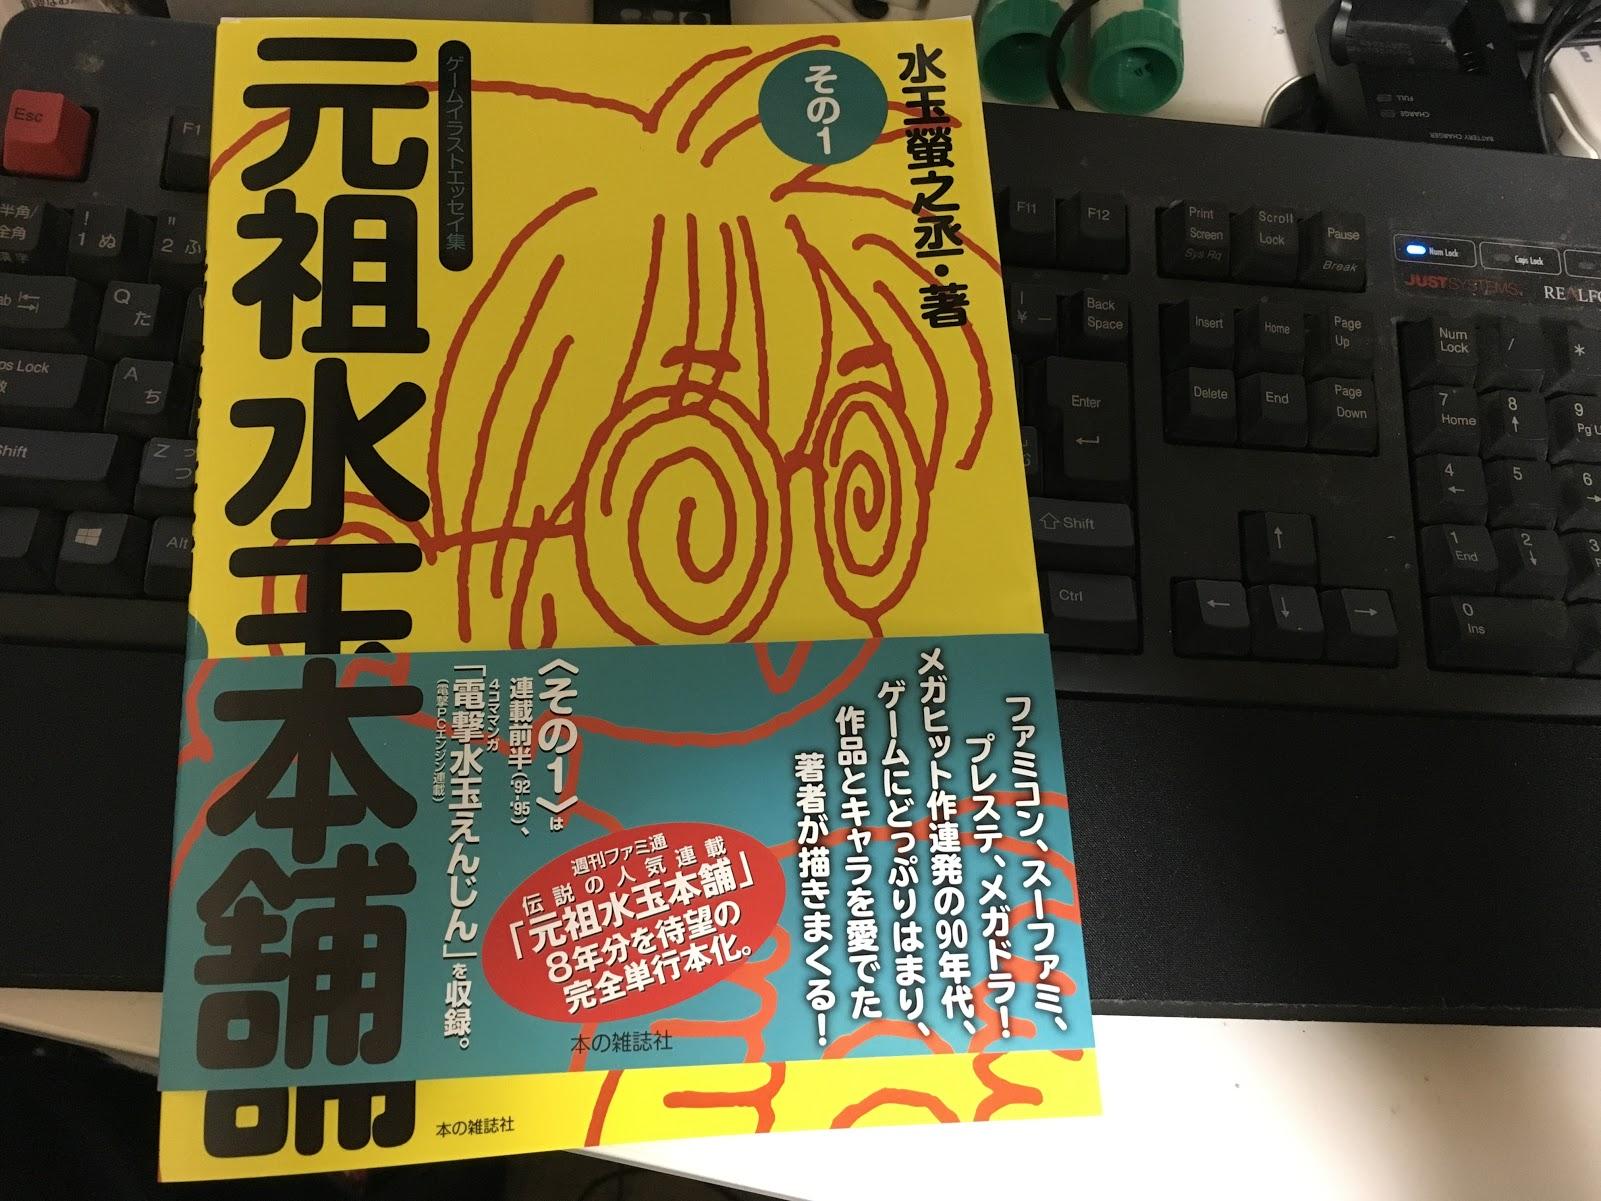 【レトロゲーム書籍】元祖水玉本舗その1到着。エンジンネタも豊富。